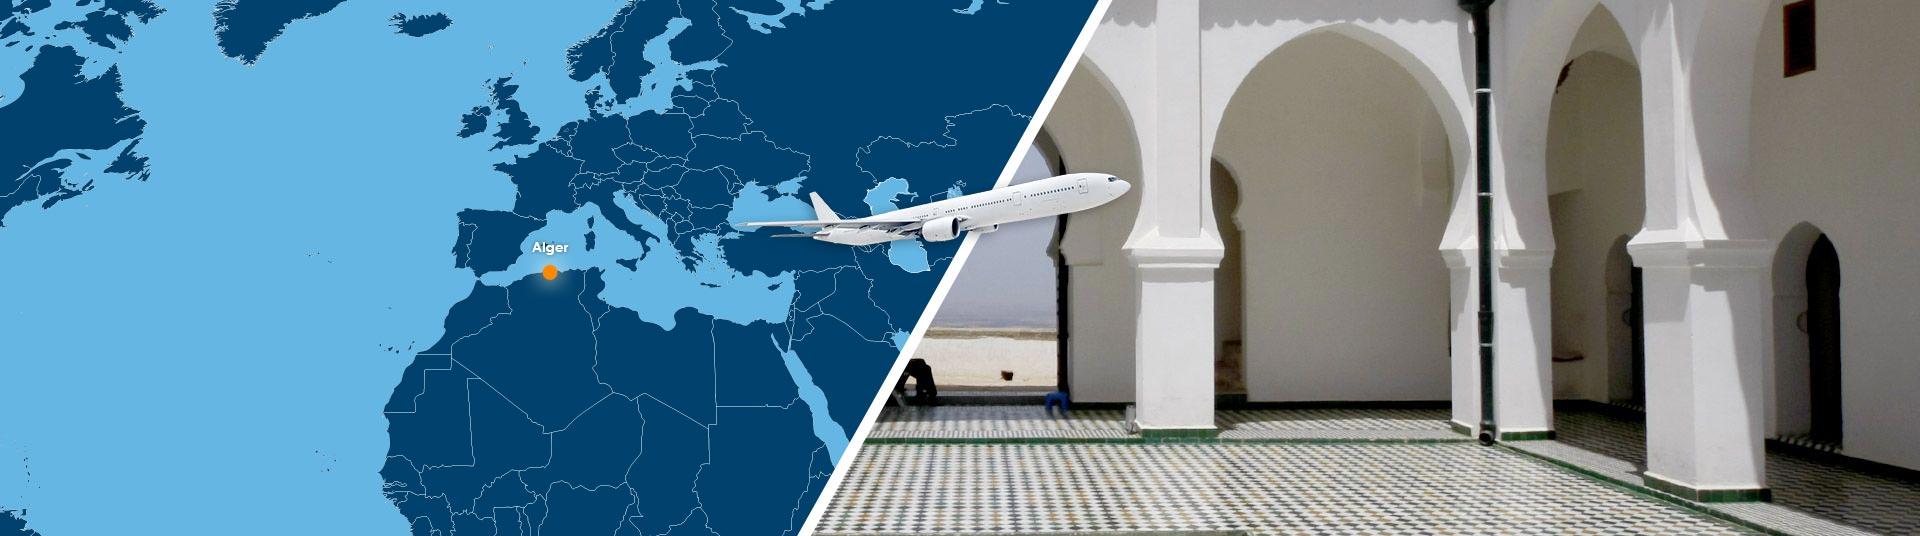 billet d 39 avion algerie pas cher tlemcen. Black Bedroom Furniture Sets. Home Design Ideas